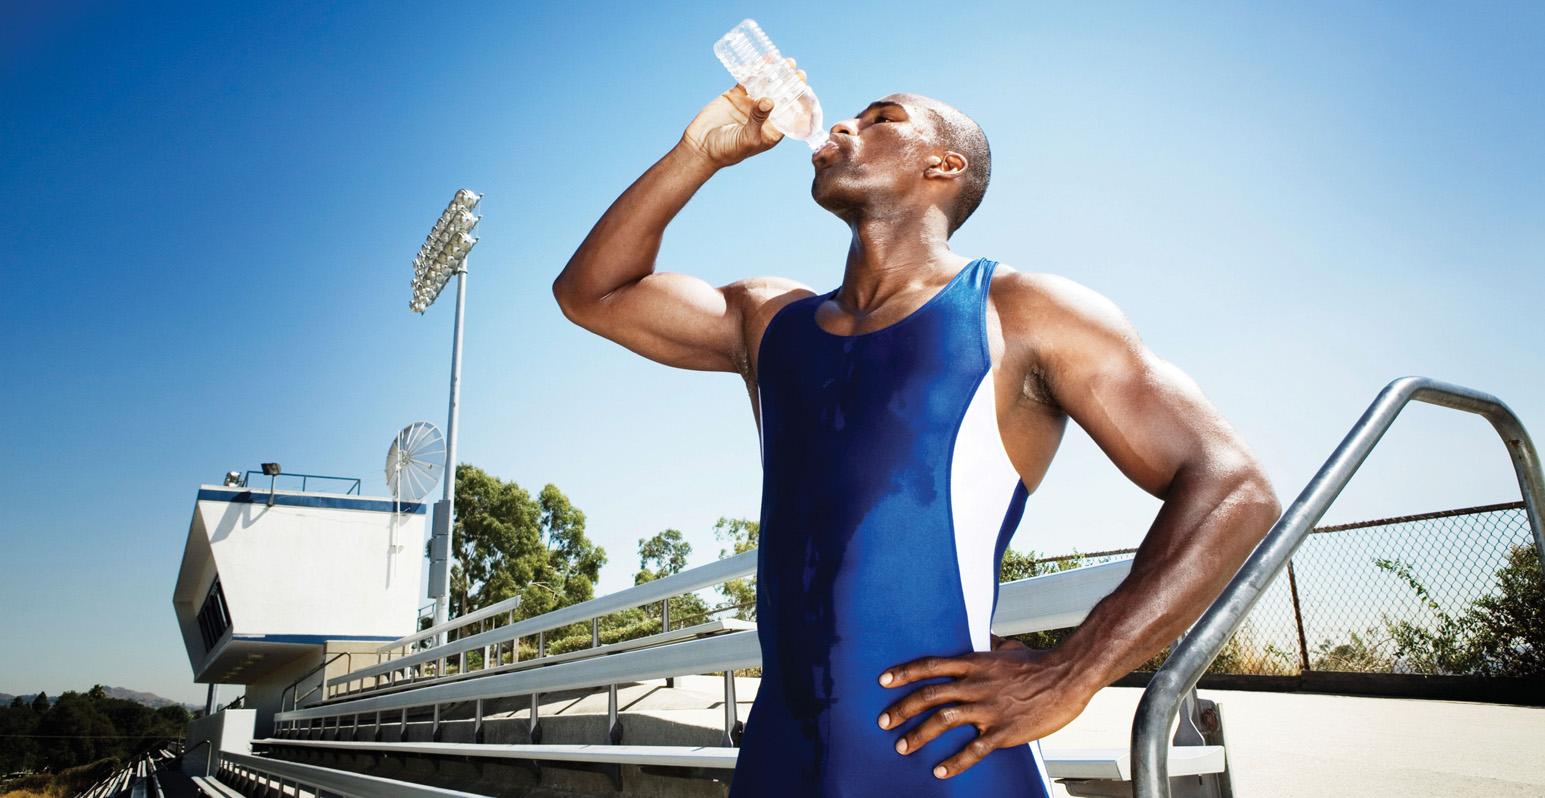 Consejos de hidratación para prepararse para competir